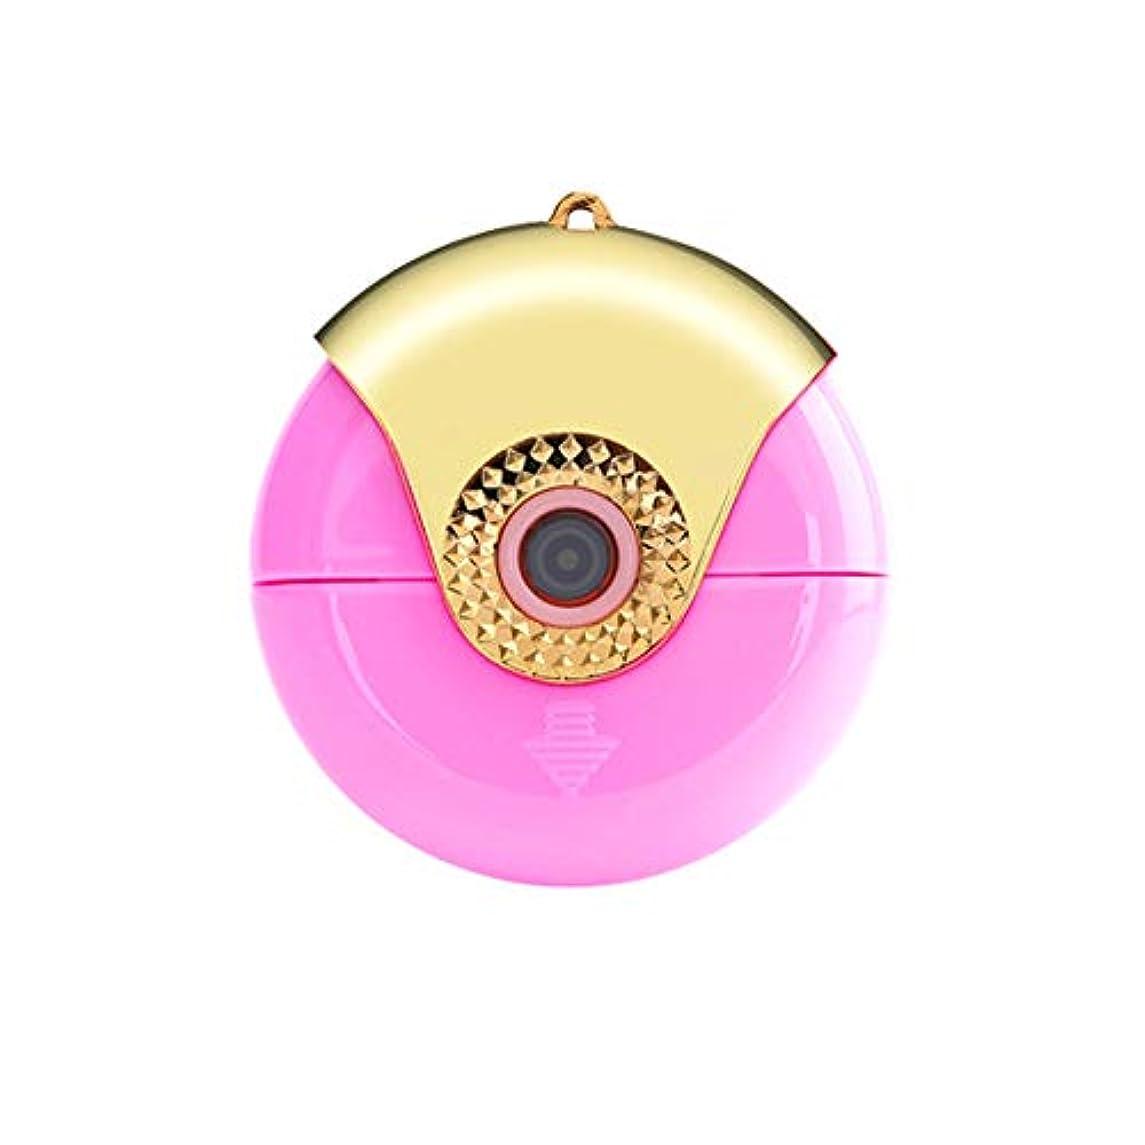 湿った法廷お願いしますiPhoneイオスのマイクロUSBポート紫色の霧アロマセラピーのための携帯電話の顔フェイシャルスチーム加湿ツールポータブルミニナノミスト噴霧器